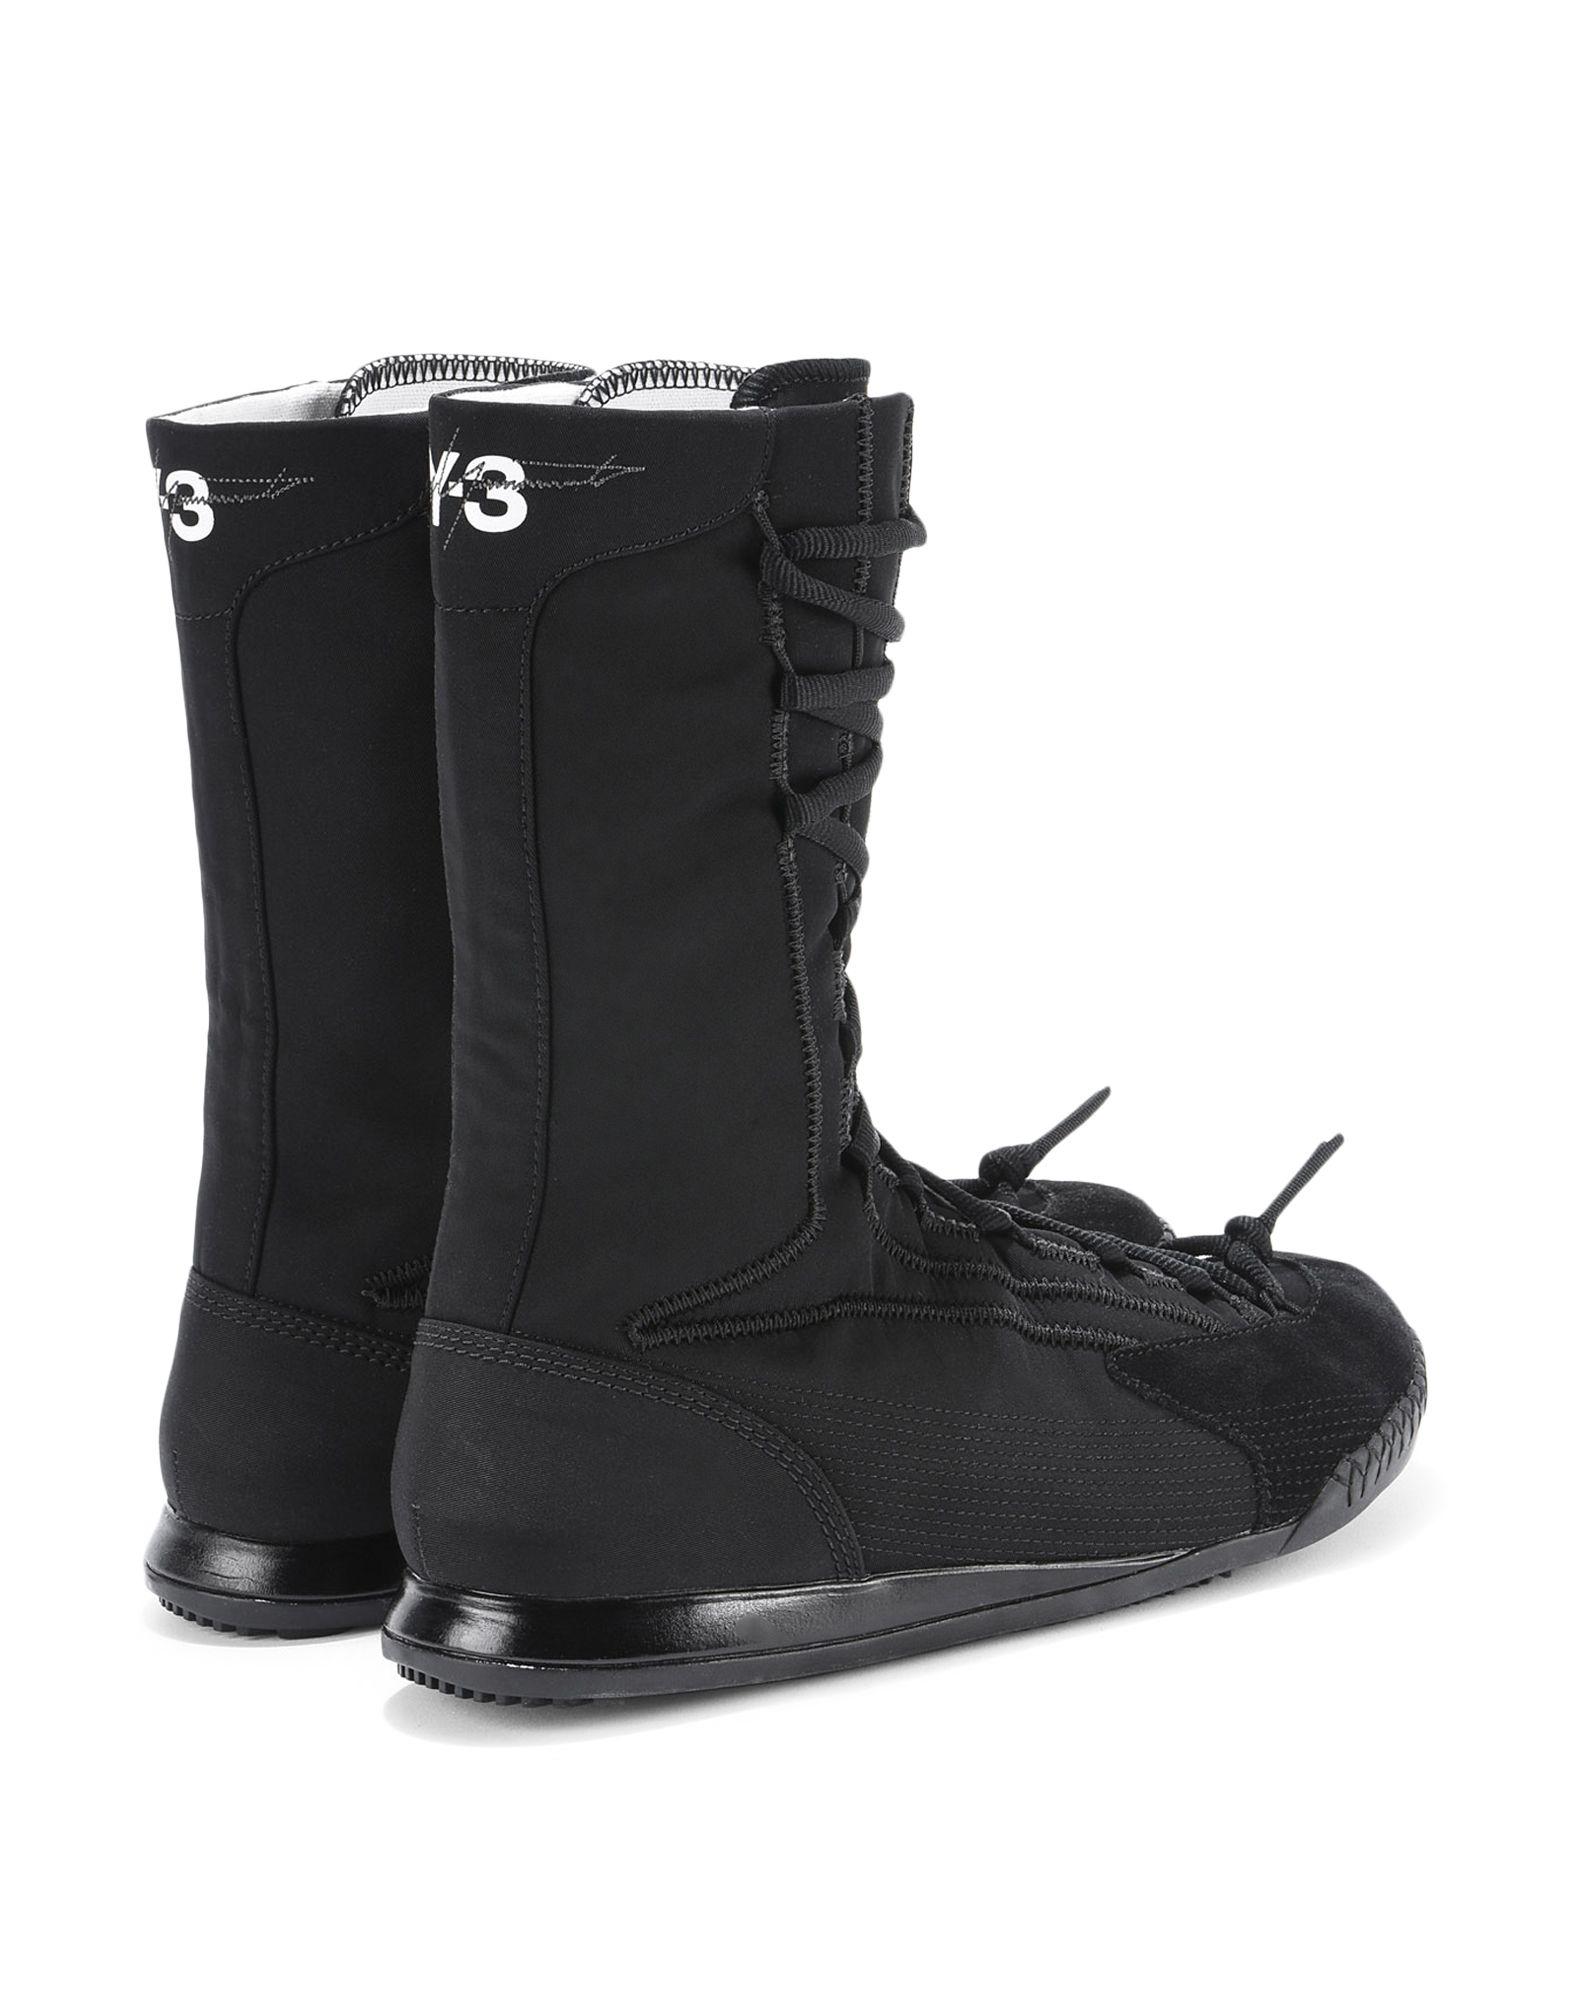 Y-3 Y-3 Yuuki High-top sneakers Woman c